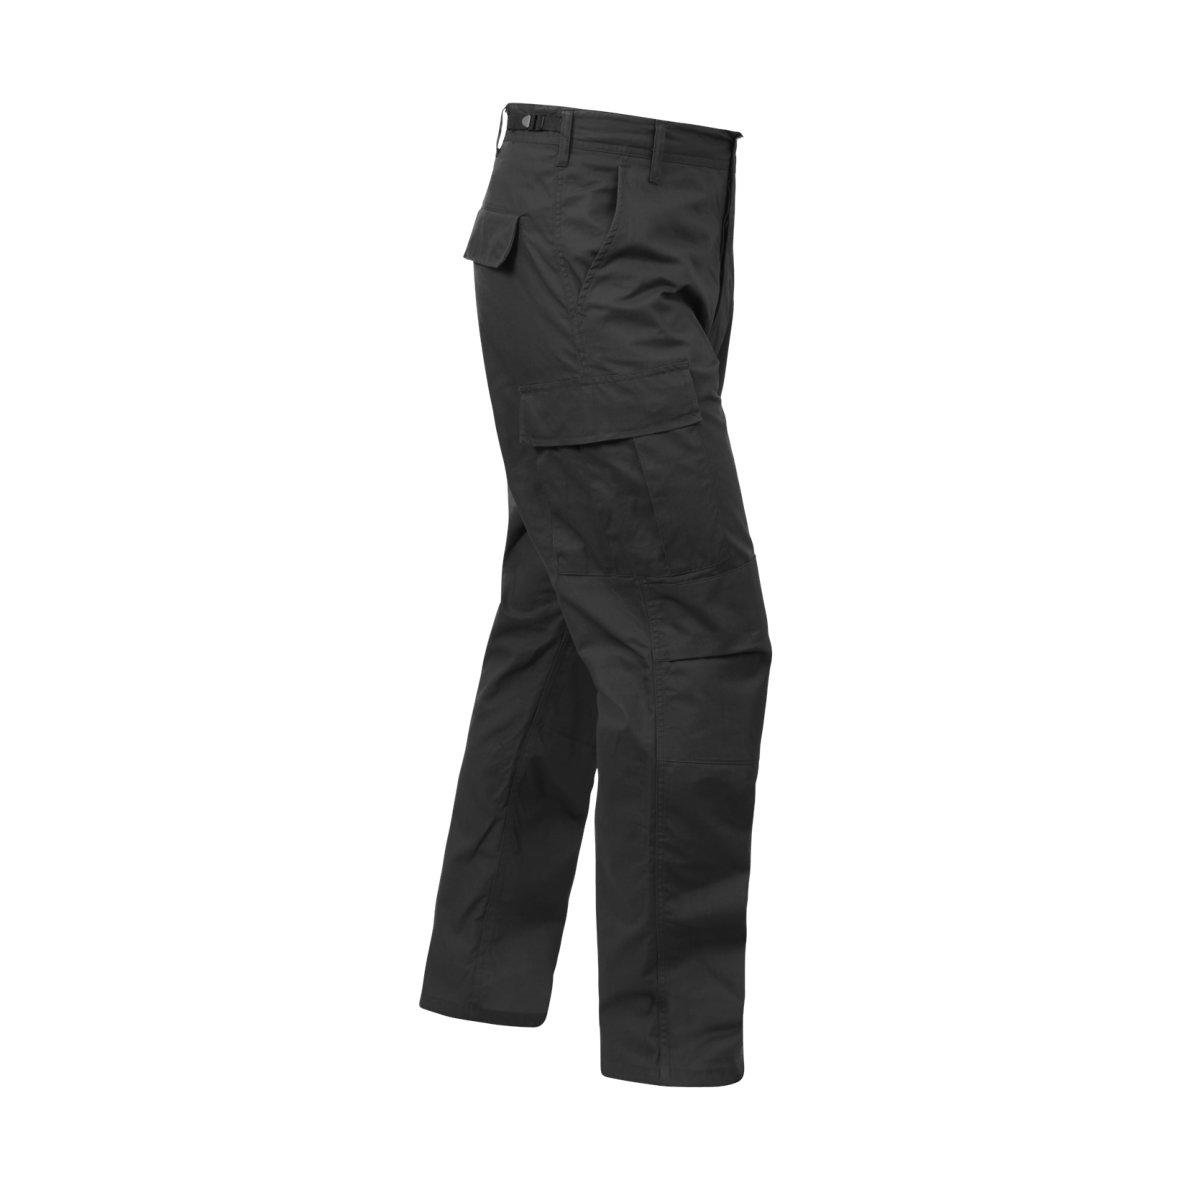 ROTHCO BDU PANT Black R/S 5923